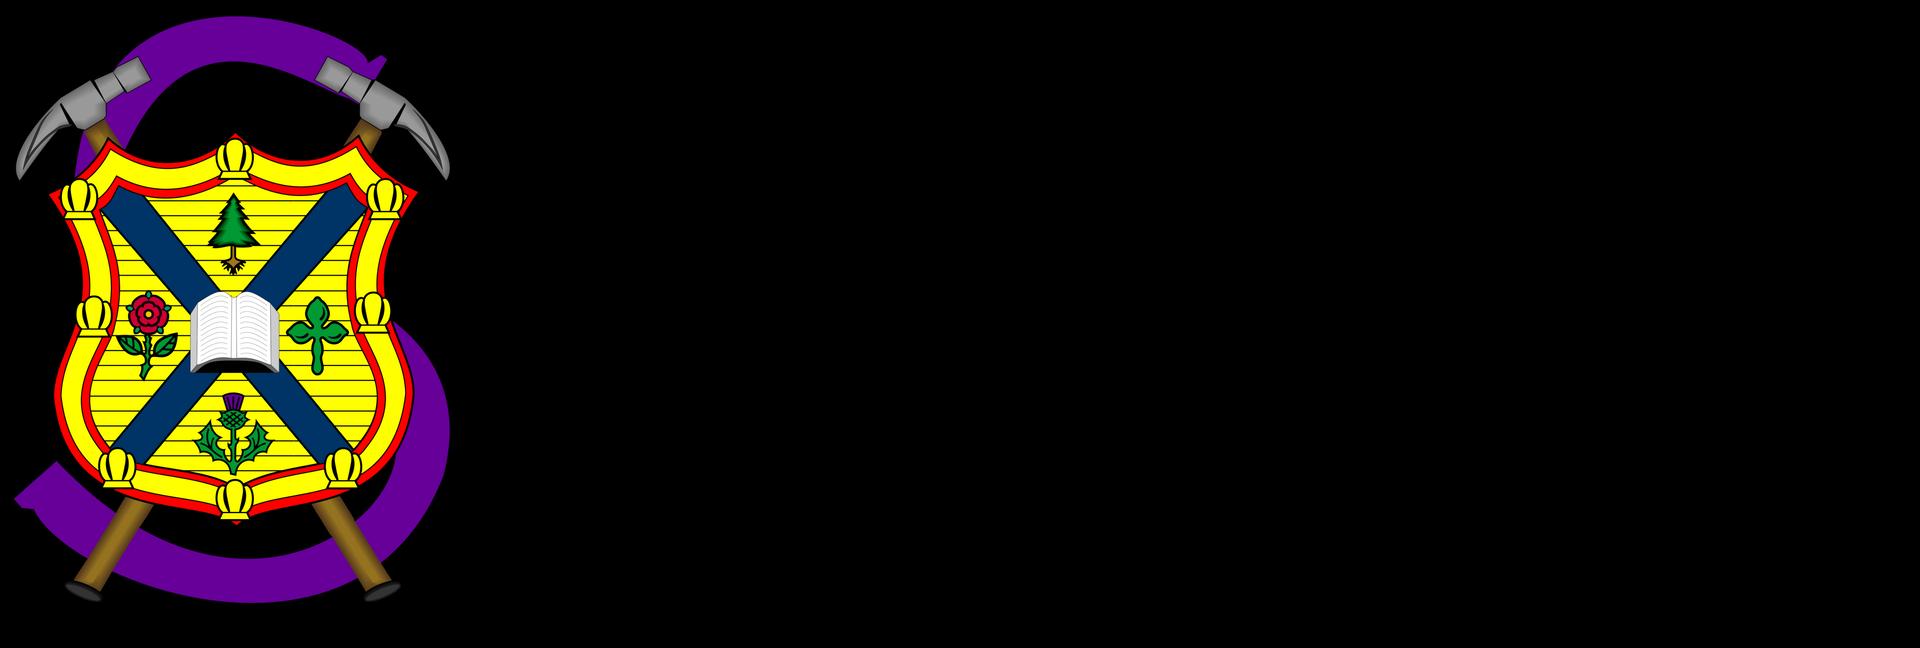 EngSoc